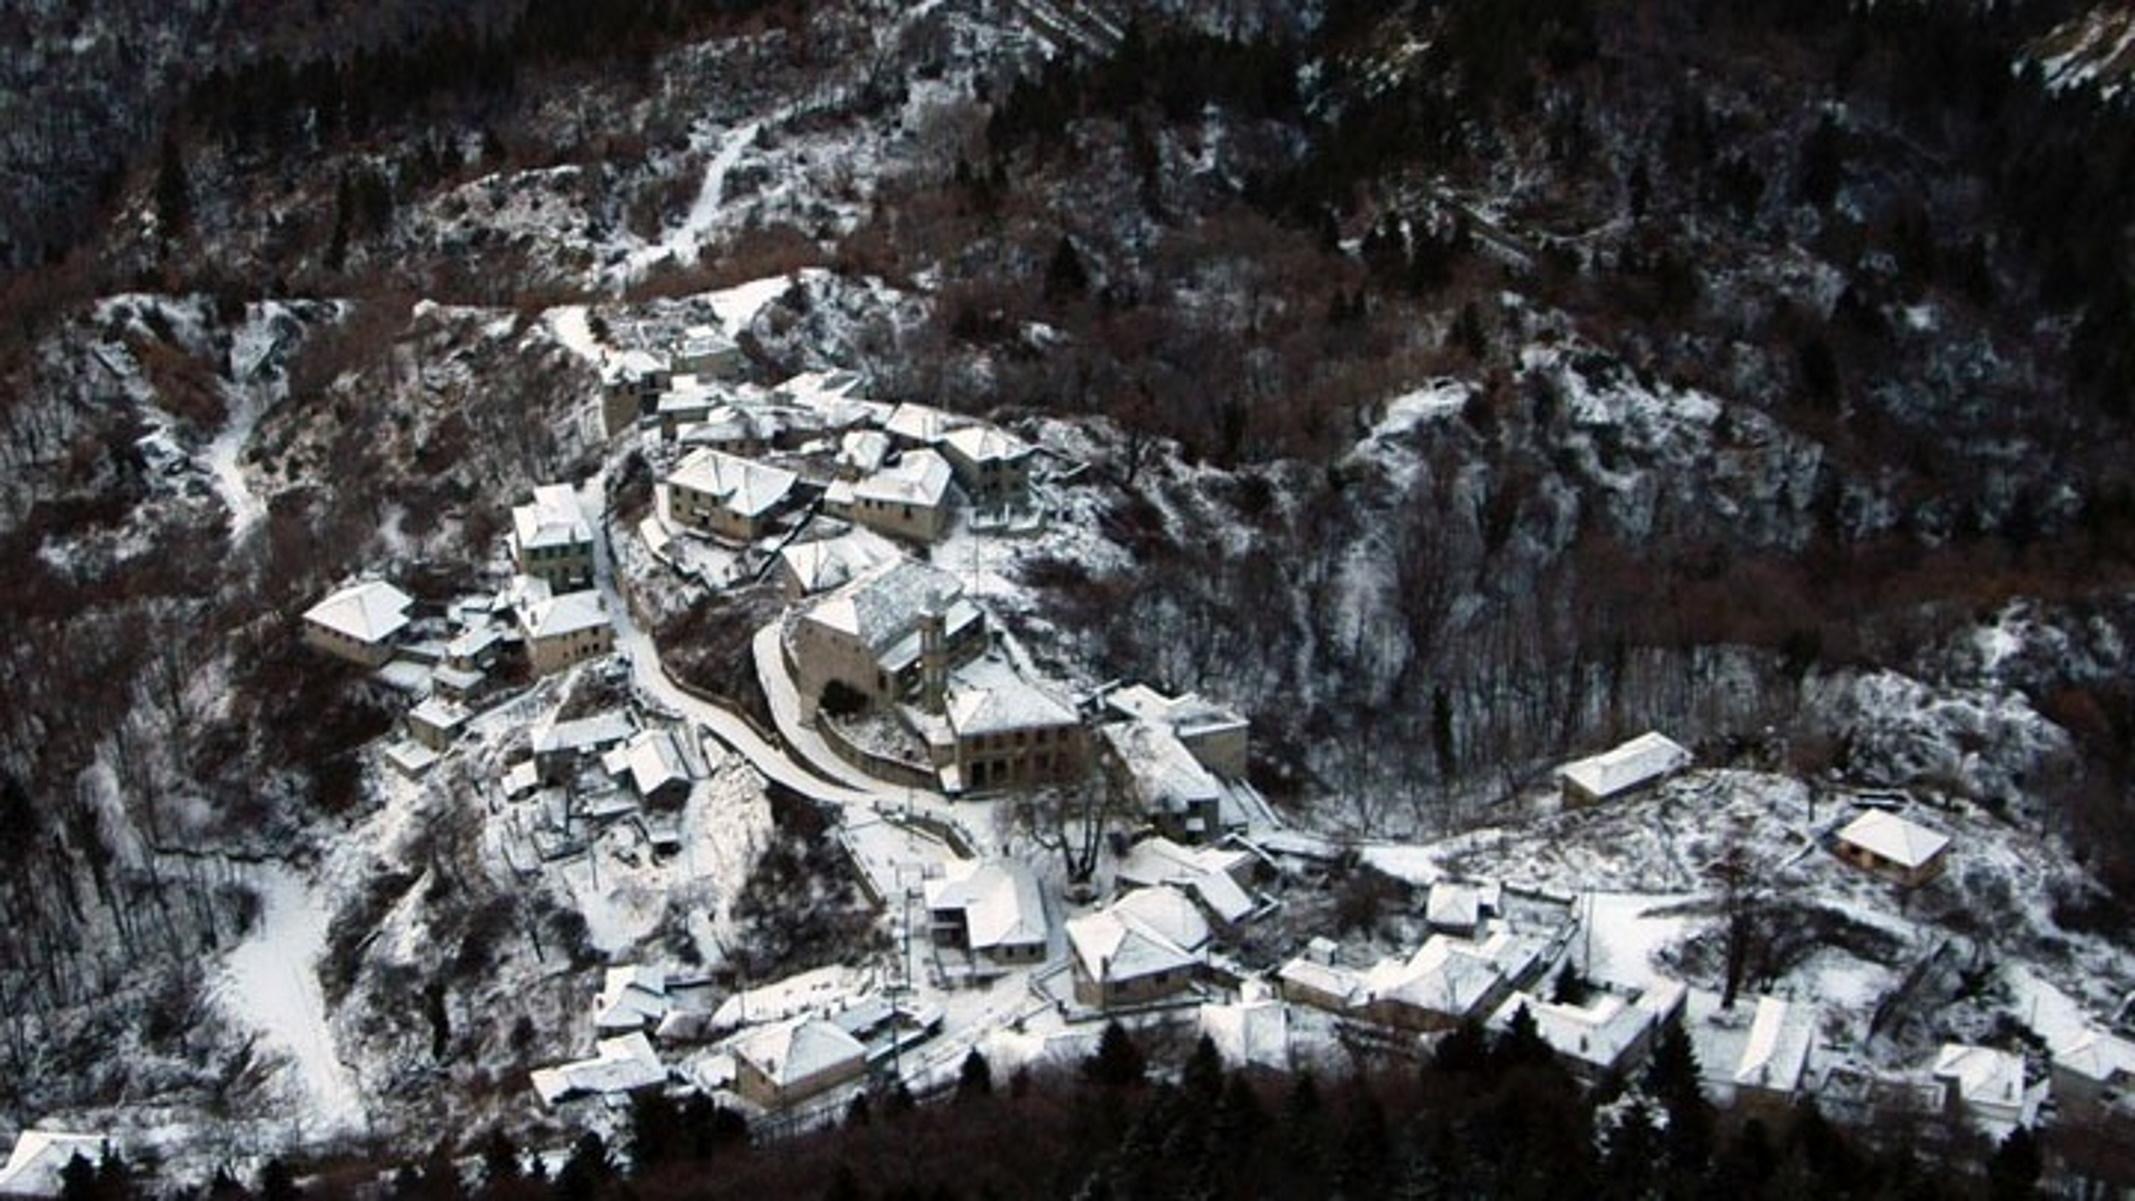 Καιρός: Χιόνια – έκπληξη σε Κοζάνη, Φλώρινα και Καστοριά – Στα λευκά περιοχές της Δυτικής Μακεδονίας